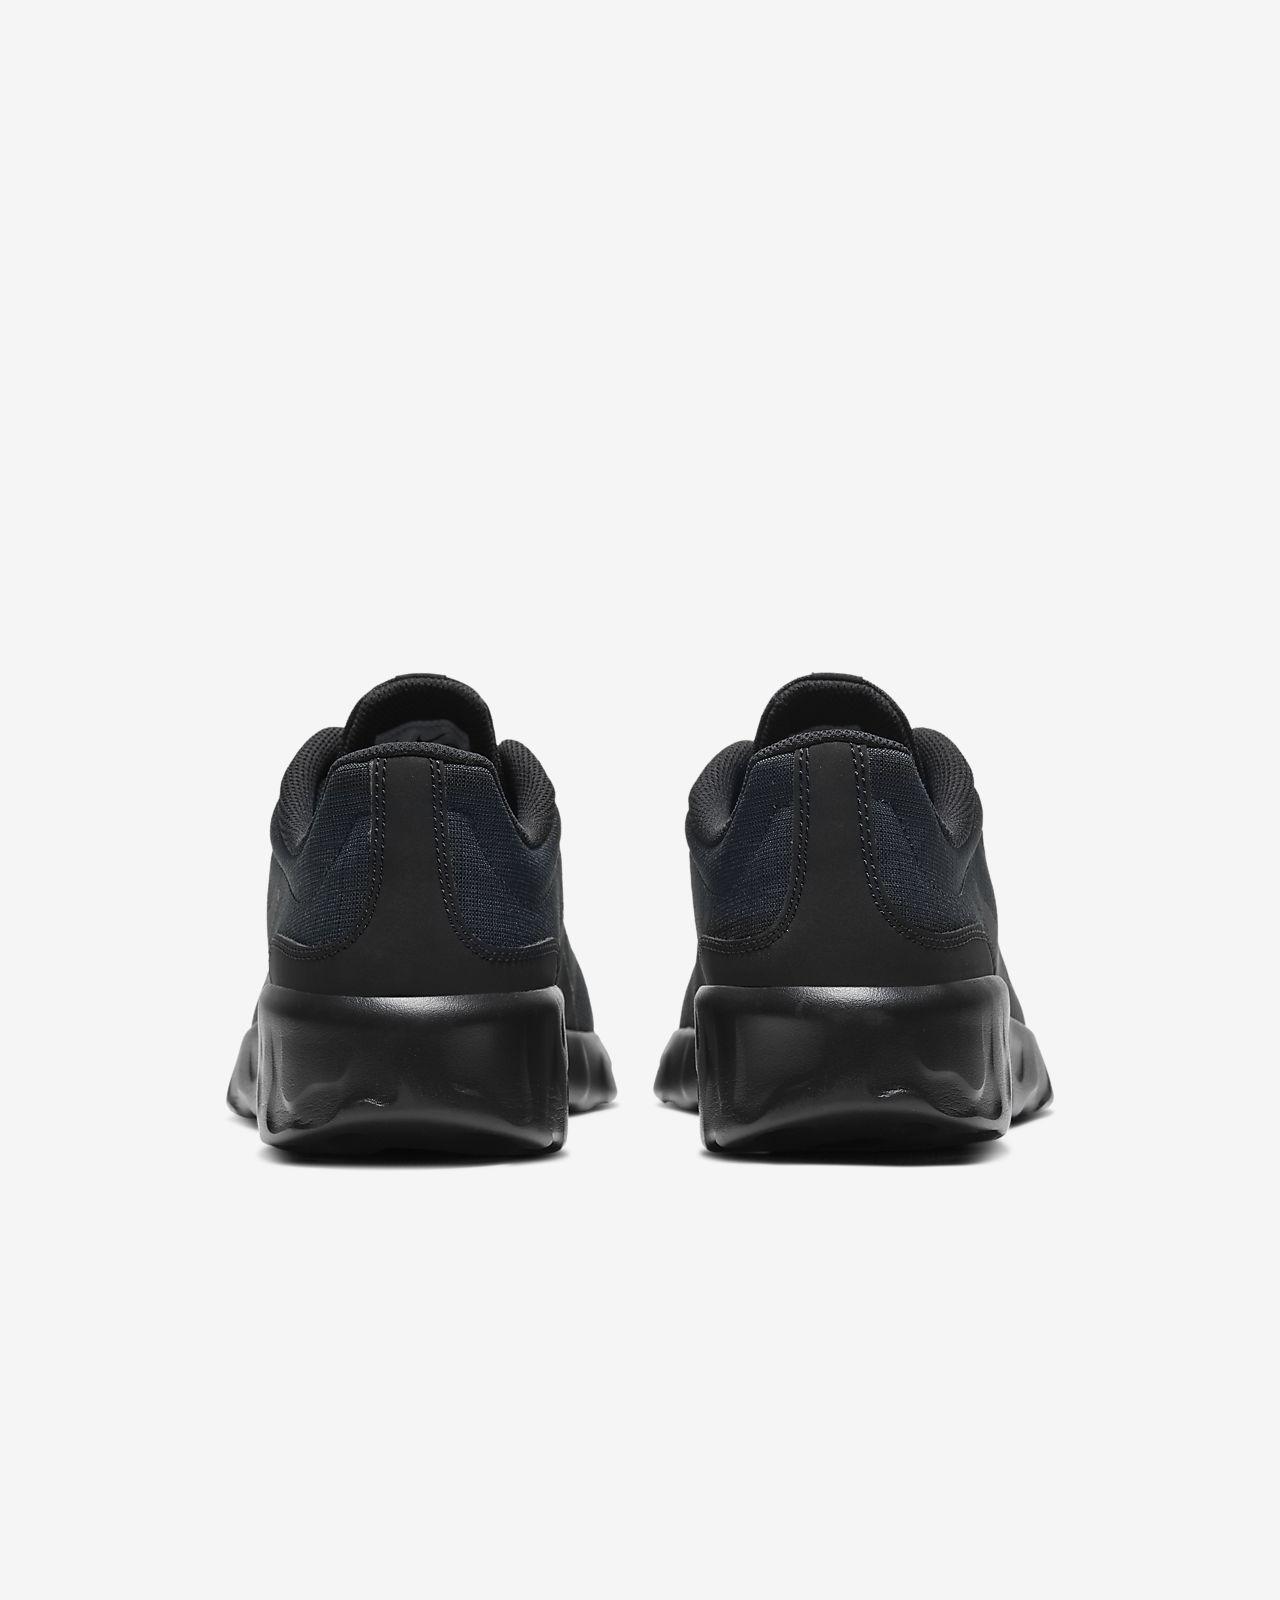 Nike explore strada sneaker da uomo, Sneakers brand, colore